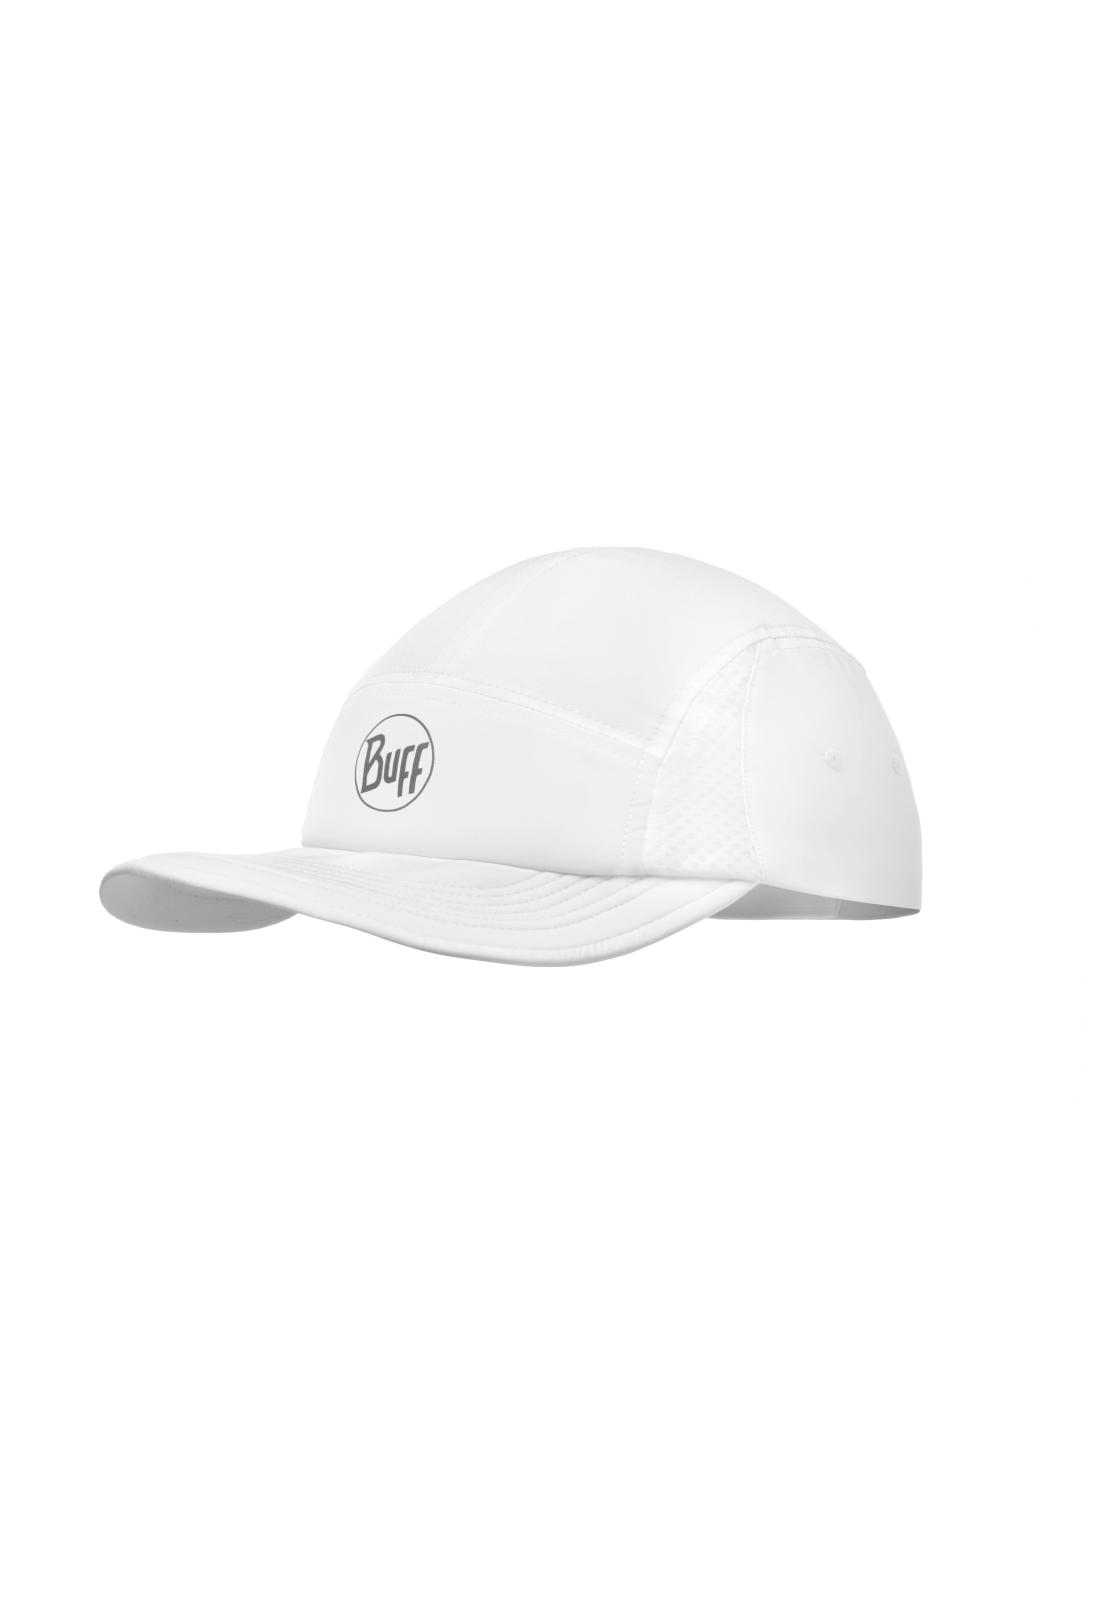 Run Cap Solid White